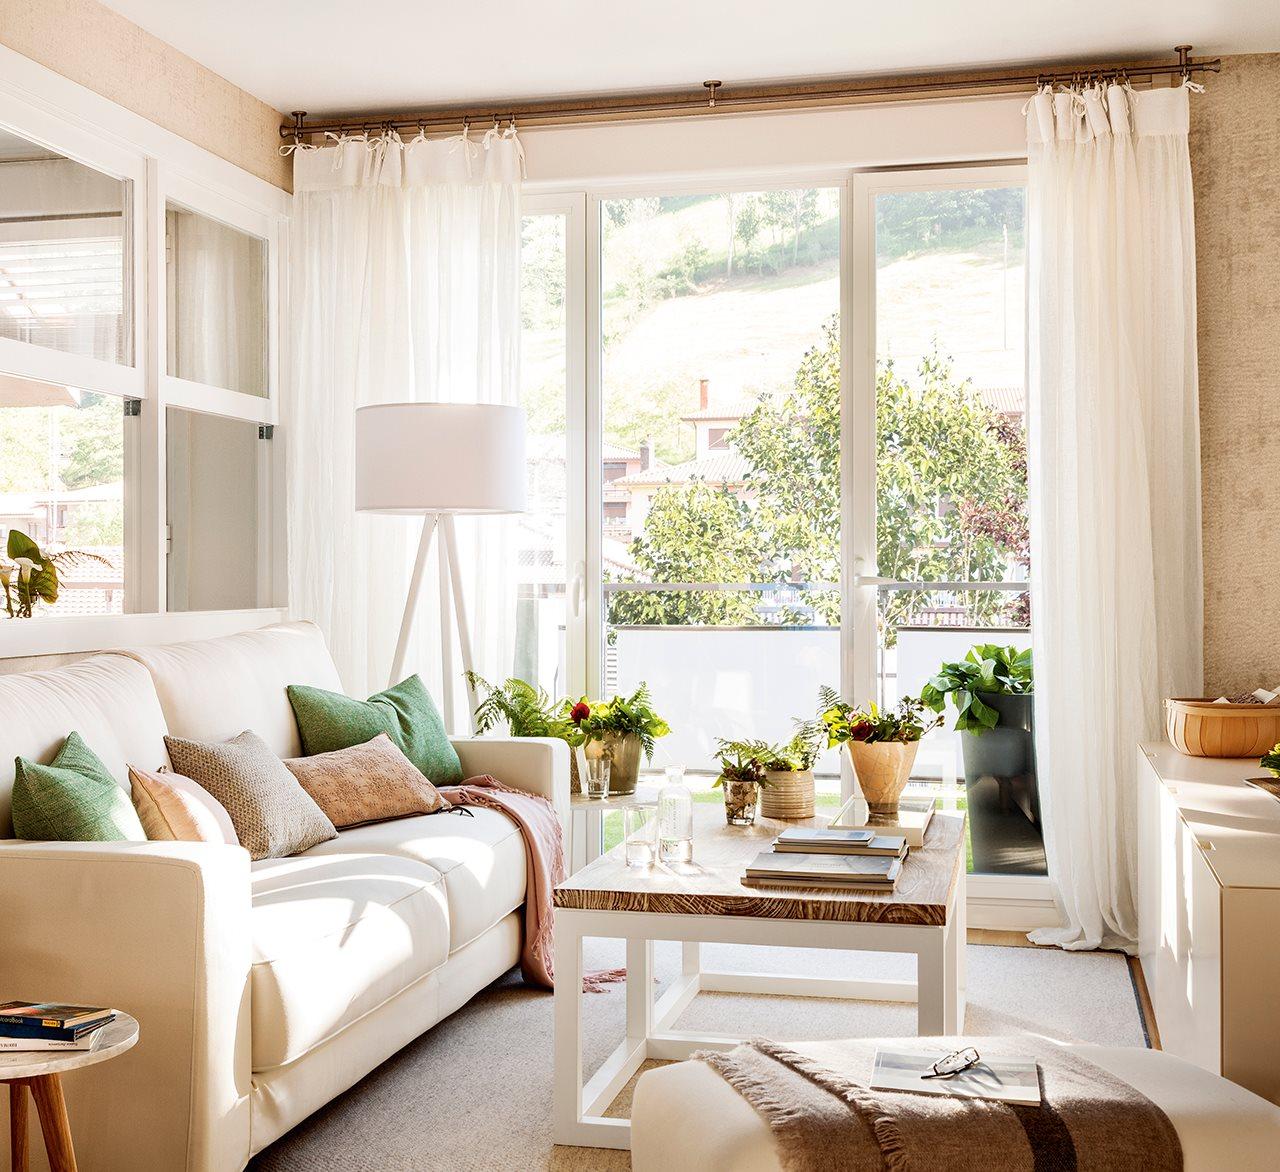 Una peque a casa muy bien aprovechada for Chimeneas en apartamentos pequenos